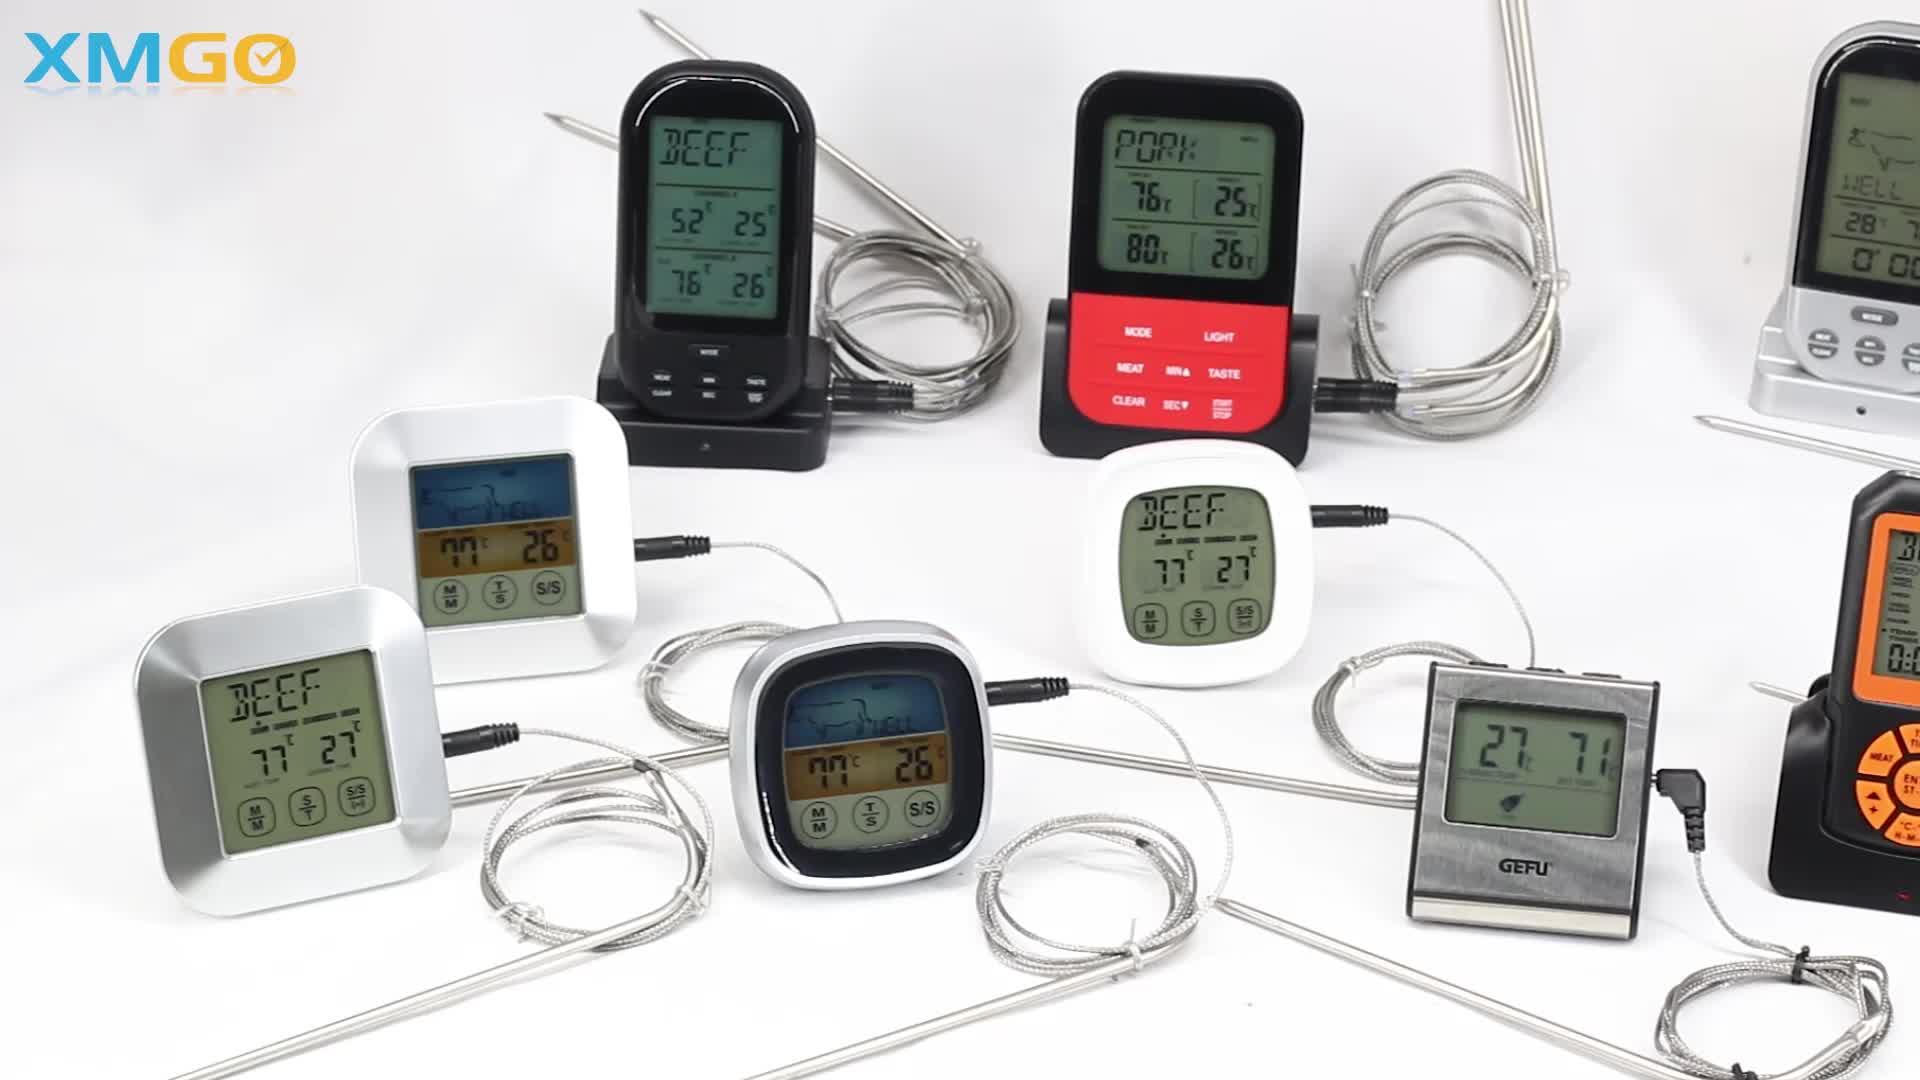 KH-TH002 LCD Đèn Nền Kỹ Thuật Số Thông Minh Ngay Lập Tức Đọc Nhà Bếp Thịt Nấu Nướng BBQ Thực Phẩm Nhiệt Kế Với Báo Động